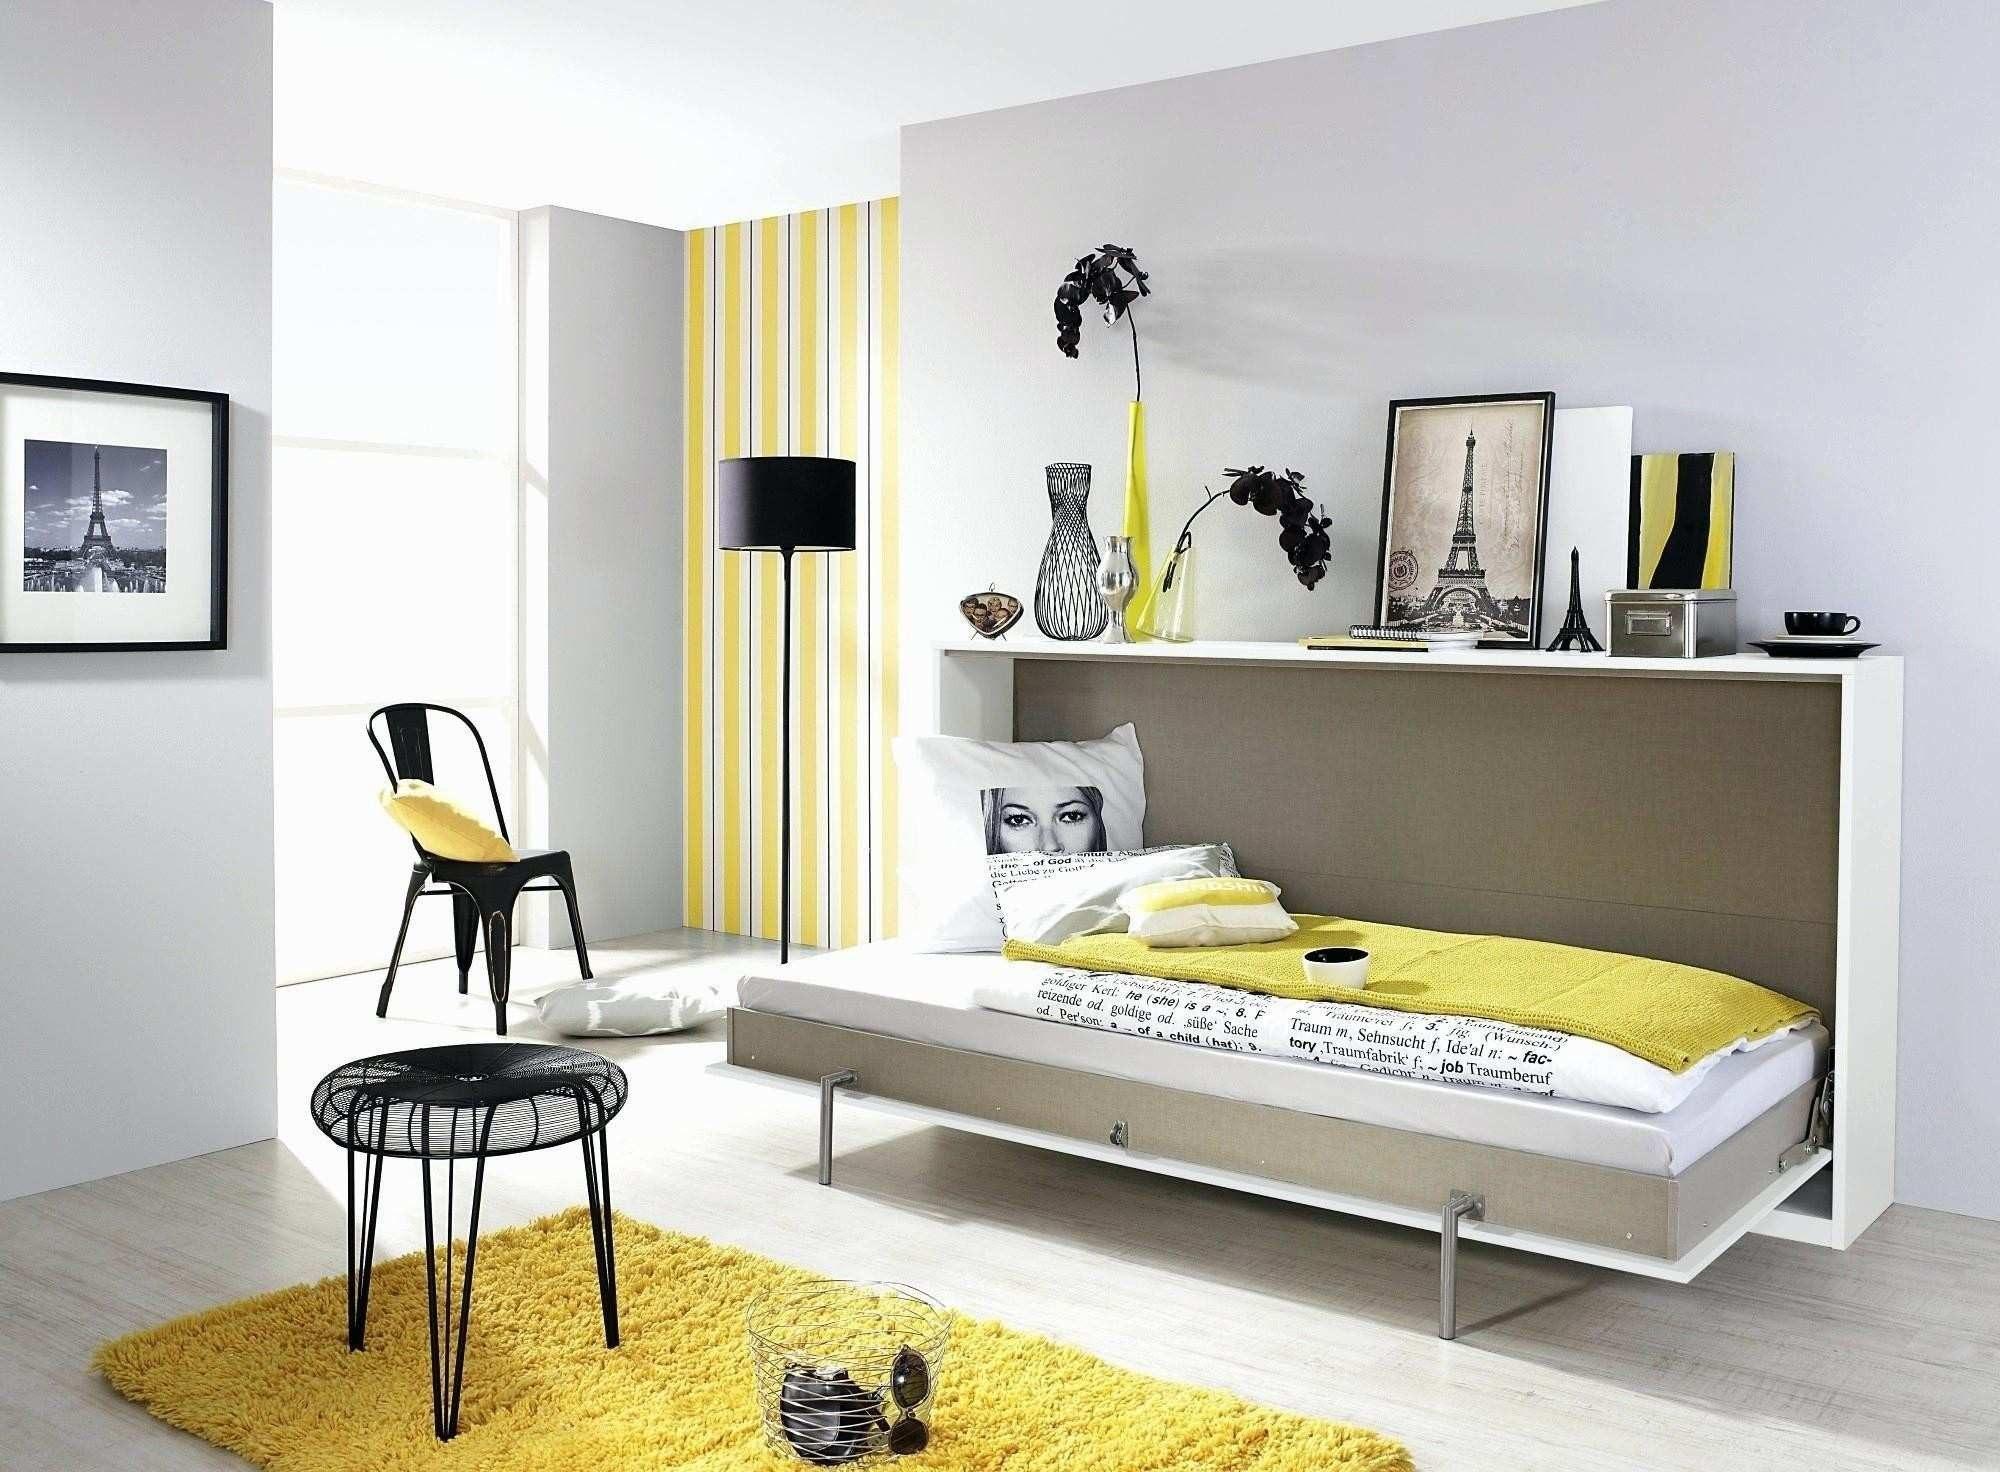 Lit 2 Places Pas Cher Le Luxe Divin Canape Angle Pas Cher Design  Lit Convertible 2 Places Ikea